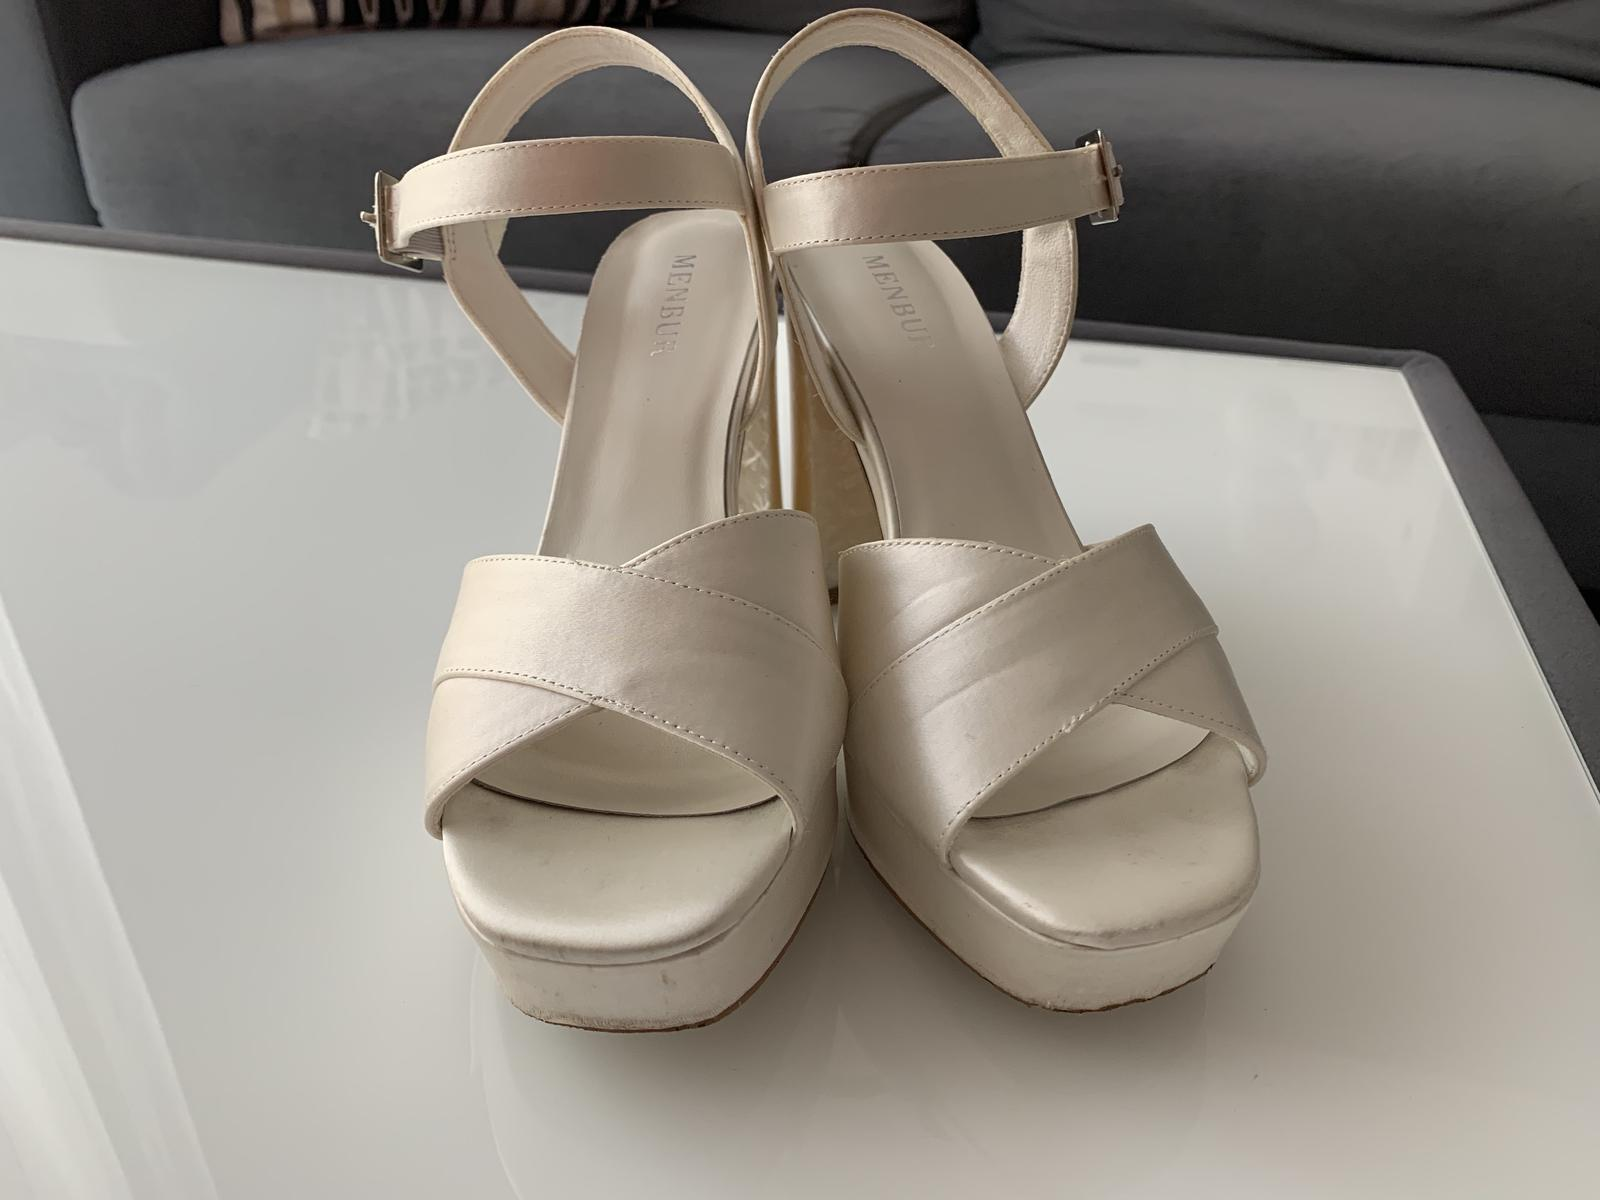 Svatební boty Menbur velikost 38 - Obrázek č. 4